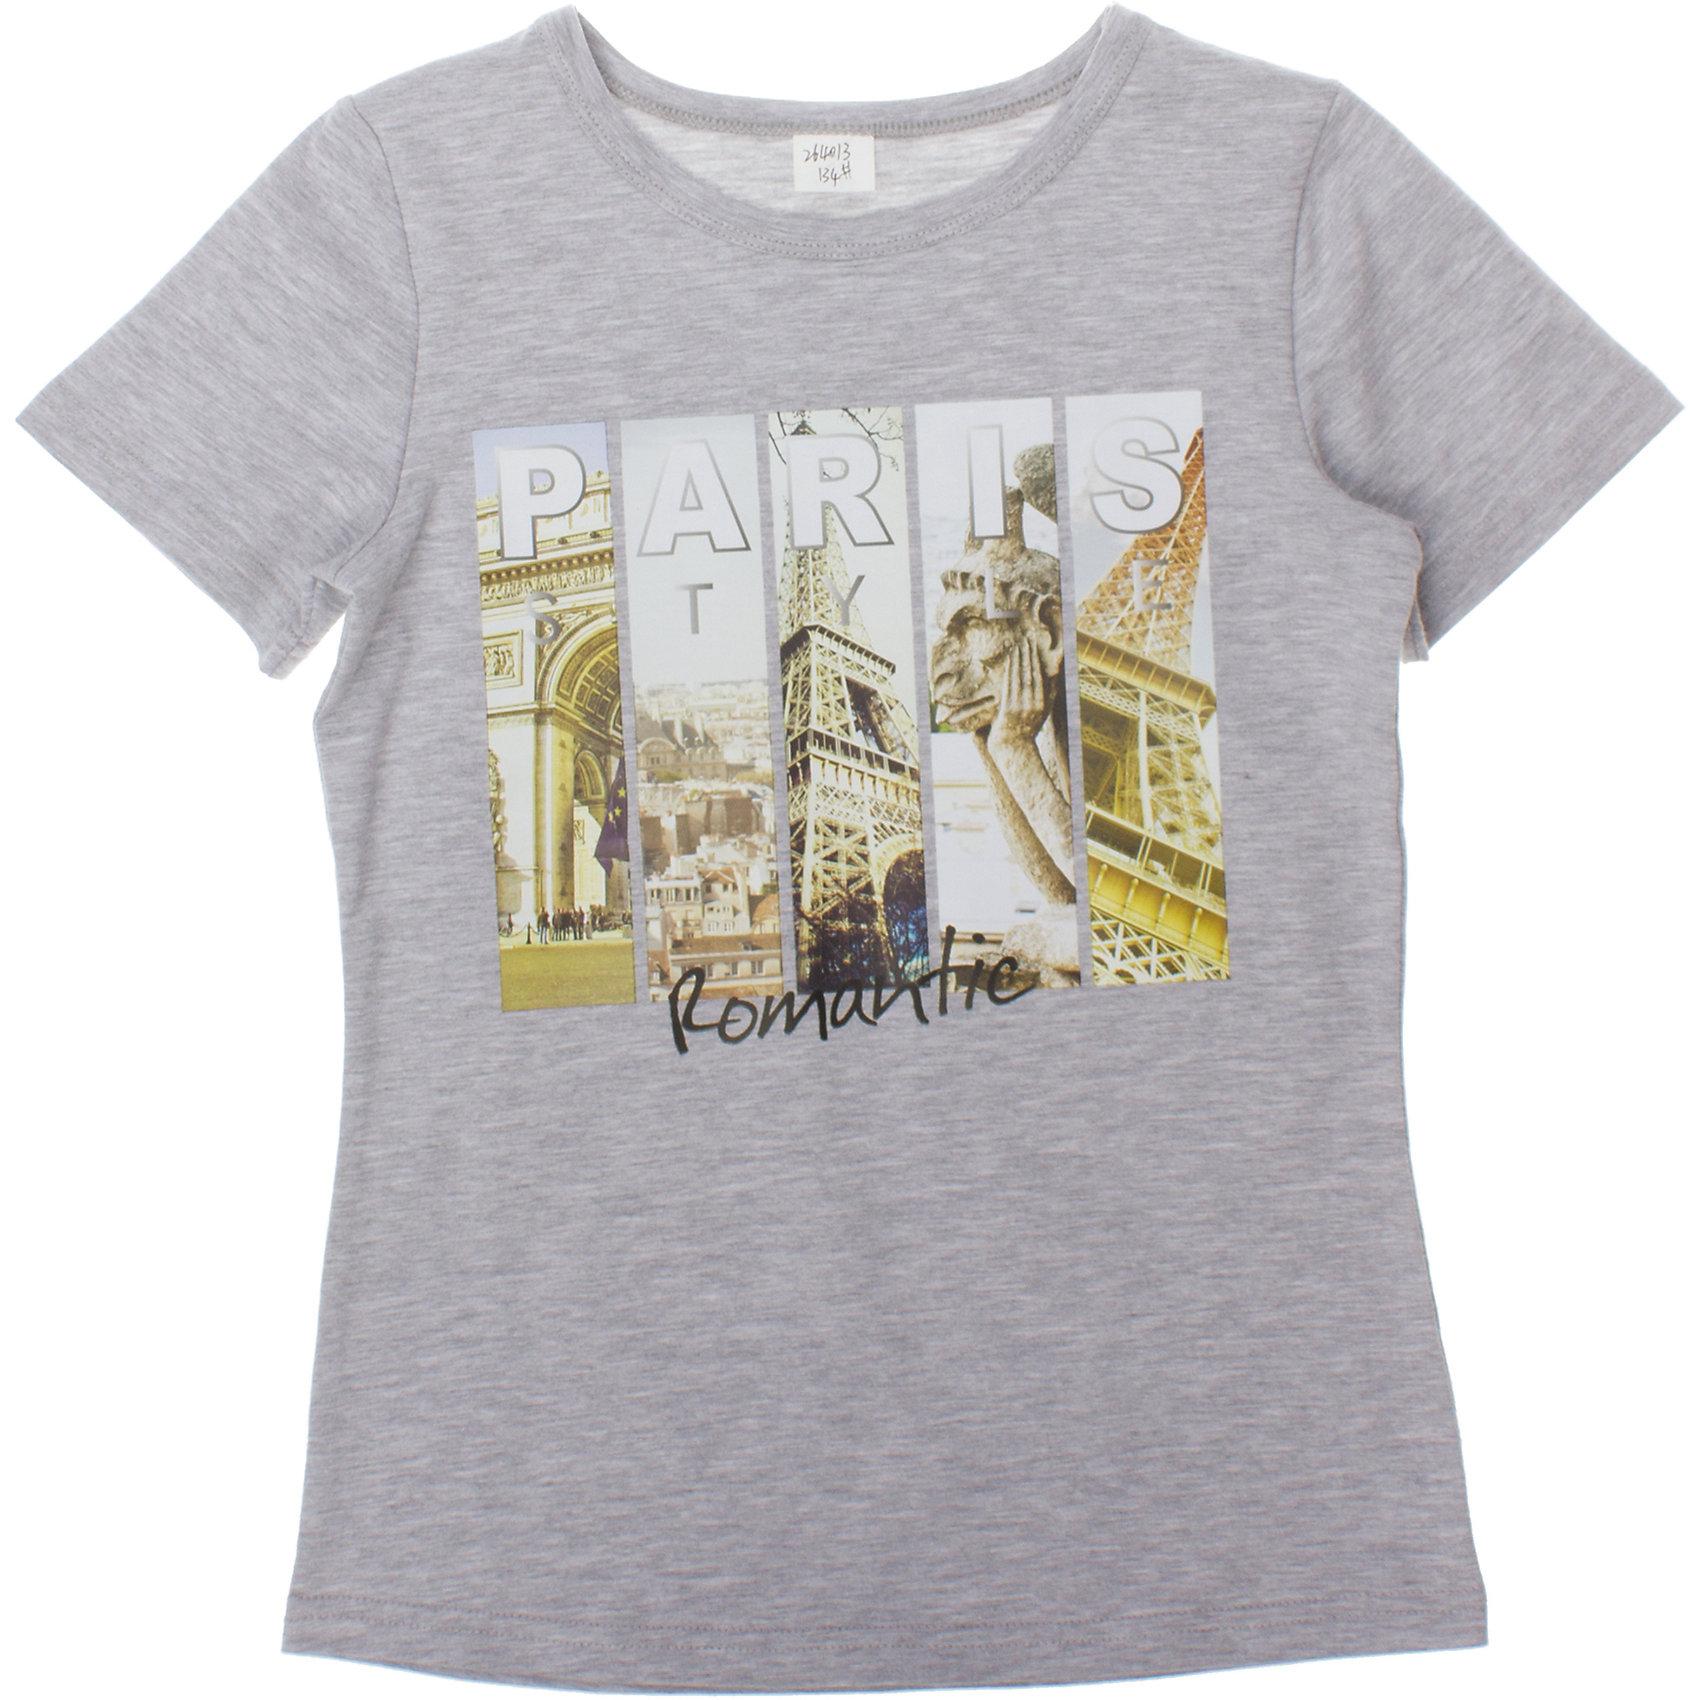 Футболка для девочки ScoolСтильная хлопковая футболка цвета серый меланж.Украшена резиновым фотопринтом с видами Парижа. Состав: 95% хлопок, 5% эластан<br><br>Ширина мм: 199<br>Глубина мм: 10<br>Высота мм: 161<br>Вес г: 151<br>Цвет: серый<br>Возраст от месяцев: 108<br>Возраст до месяцев: 120<br>Пол: Женский<br>Возраст: Детский<br>Размер: 140,134,146,152,164,158<br>SKU: 4652873